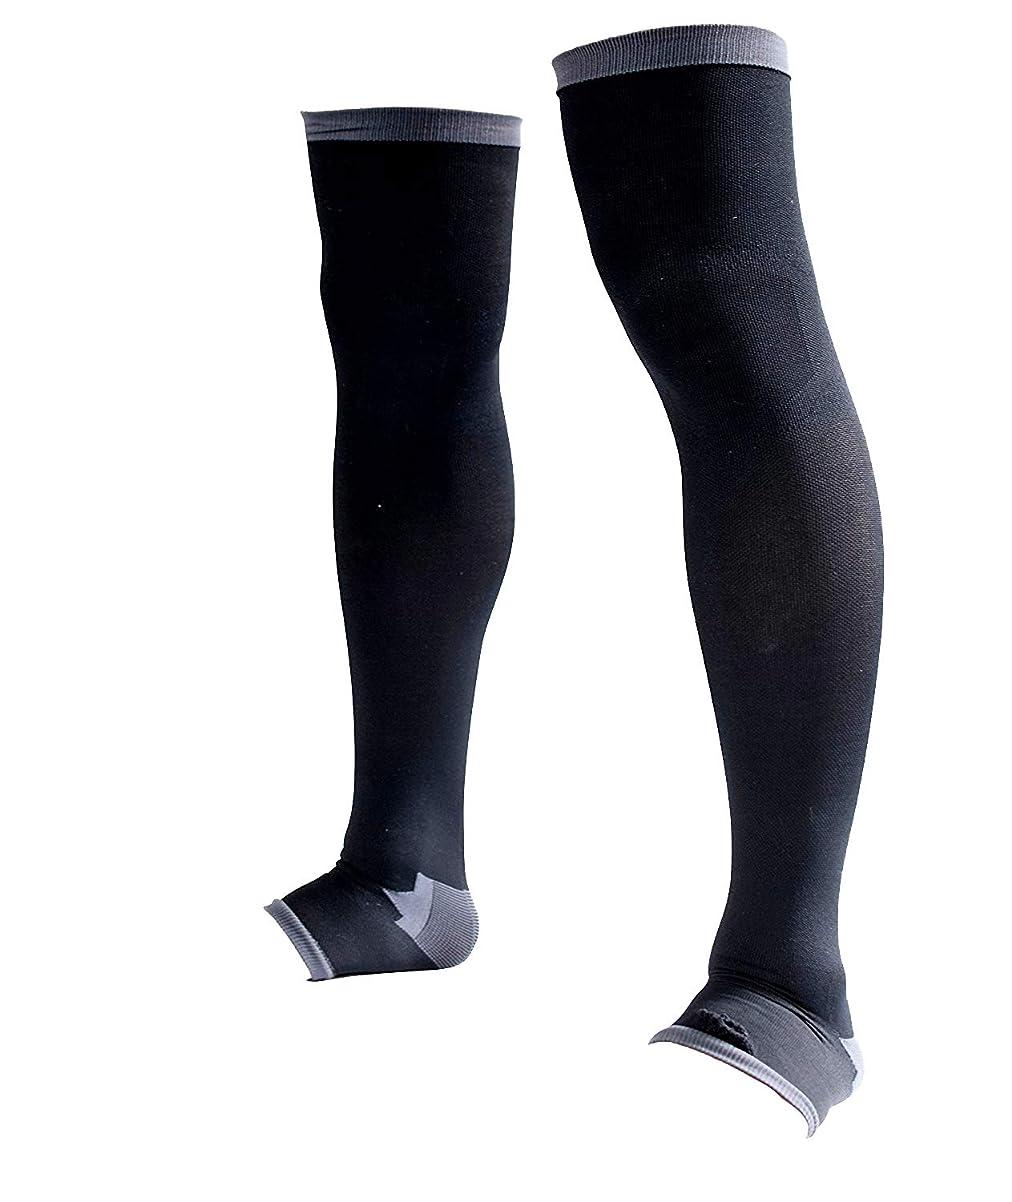 分配しますコンプリートスペード男性専用脚すっきり対策オープントゥ着圧ソックス 膝上 L-LL 順天堂大学客員教授推奨